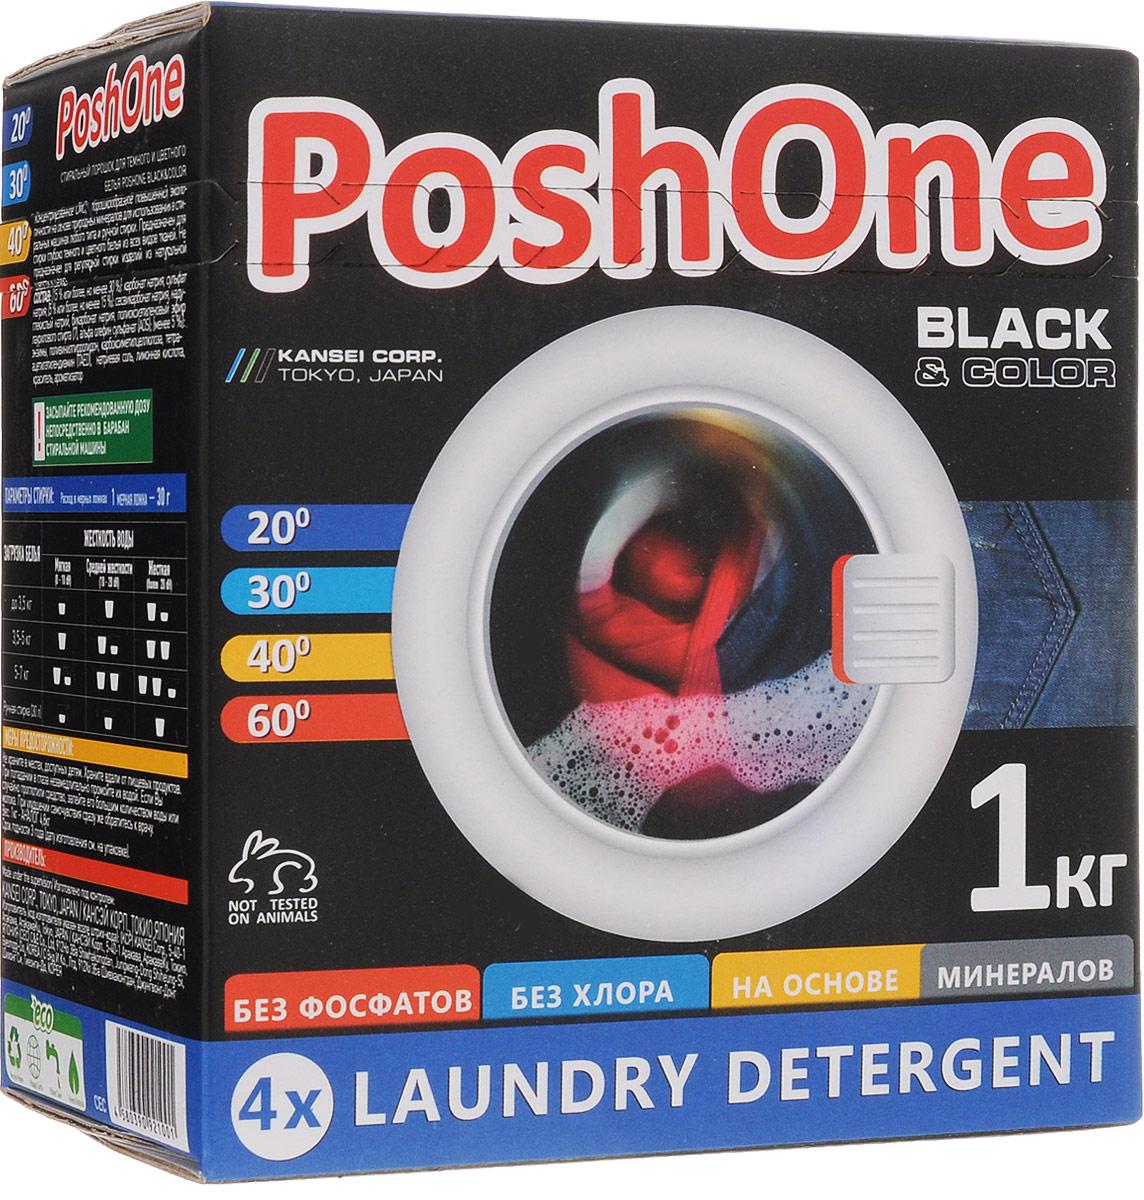 Порошок стиральный Posh One Black & Color, для темного и цветного белья, 1 кг921001Posh One Black & Color - ультраконцентрированный порошок повышенной экологичности на основе минералов. Предназначен для темного и цветного белья в стиральных машинах любого типа и для ручной стирки.Особенности порошка:Не имеет в своем составе фосфаты, оптические отбеливатели, формальдегиды и хлор.Не раздражает кожу.Биоразлагаем более чем на 99%.Не оставляет следов на белье.Не токсичен.Содержит биоферменты и активный кислород-активатор TAED.Защищает нагревательный элемент стиральной машины от накипи.Эффективен в холодной воде.Легко справляется со сложными пятнами.Состав: (15% или более, но менее 30%) карбонат натрия, сульфат натрия, (5% или более, но менее 15%) сесвикарбонат натрия, надуглекислый натрий, бикарбонат натрия, полиоксиэтиленовый эфир лаурилового спирта (7), альфа-олефин сульфанат (AOS), (менее 5%) энзимы, поливинилпирролидон, натриевая соль, карбоксиметилцеллюлоза, тетра-ацетилэтилендиамин (TAED), ароматизатор. краситель, лимонная кислота.Товар сертифицирован. Не предназначен для регулярной стирки изделий из натуральной шерсти и шелка.